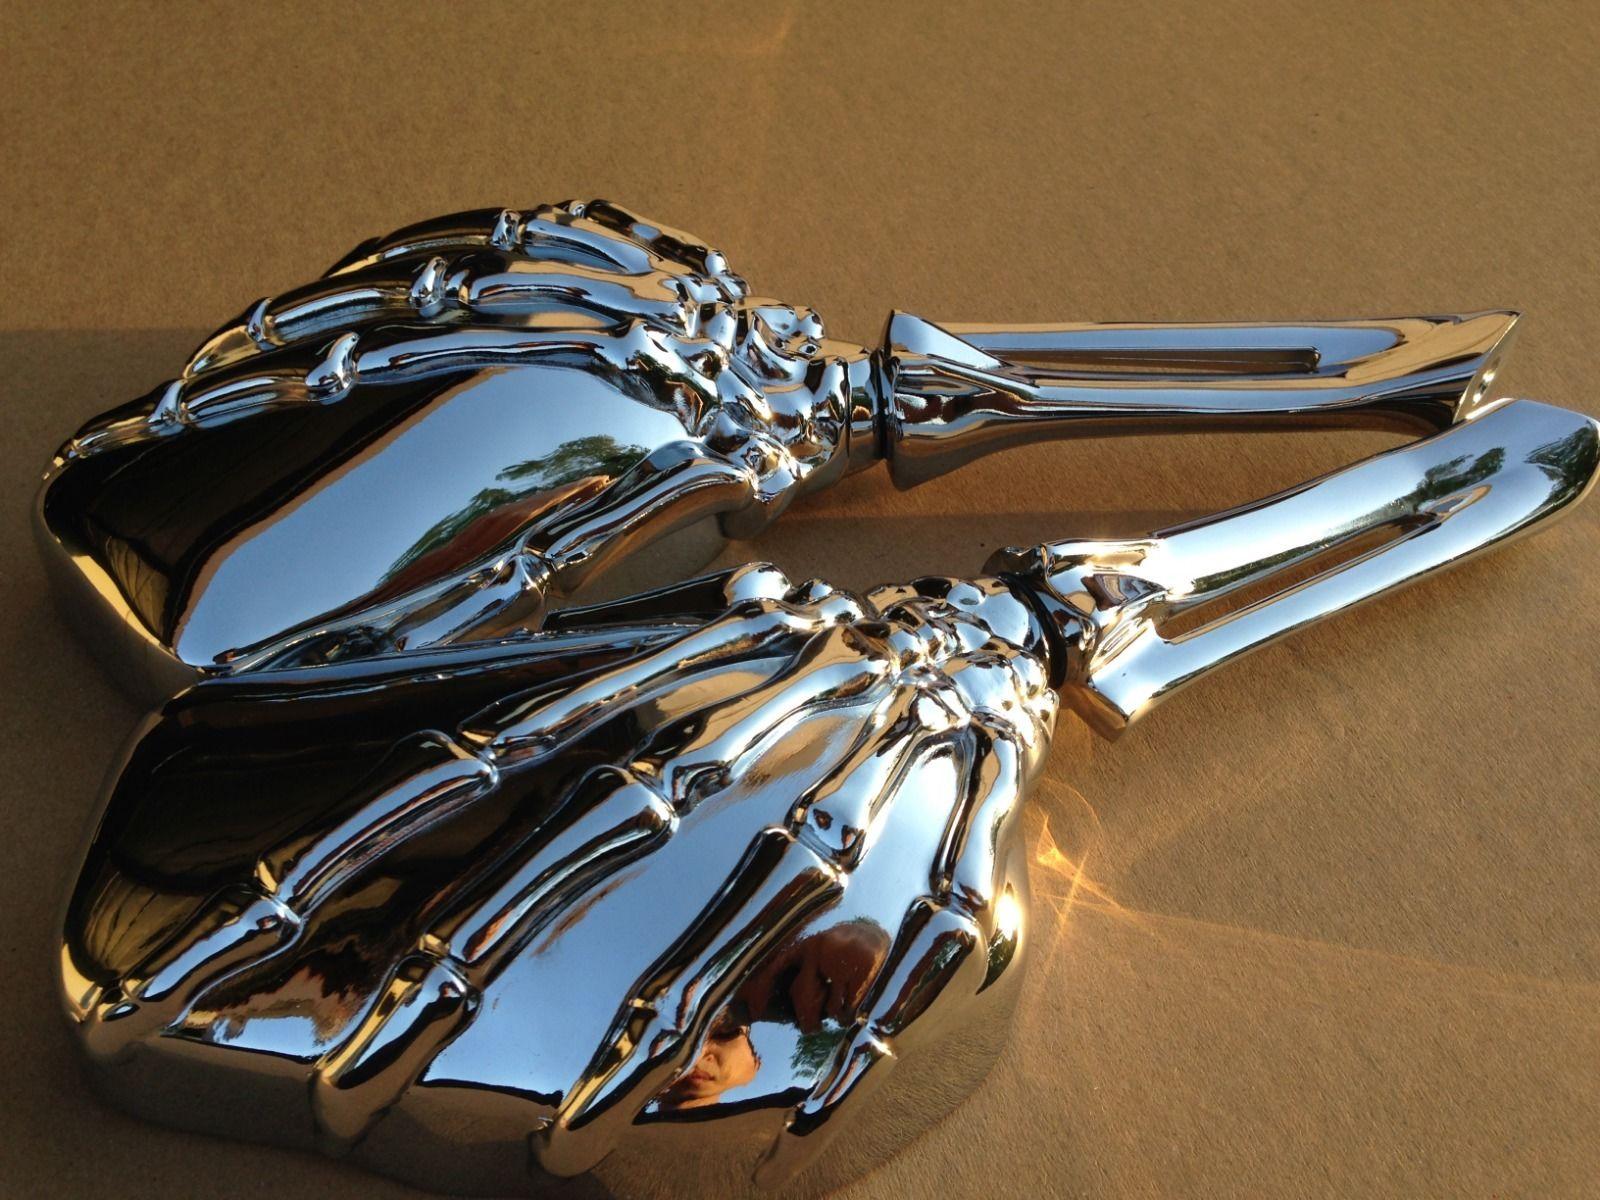 ミラー harley ハリー・ヘリテージ・スプリンター・スポーツスターダイナ・グライド・ソフテイルVロッドC Hand Skull Mirror Harley Heritage Springer Sportster Dyna Glide Softail V Rod C